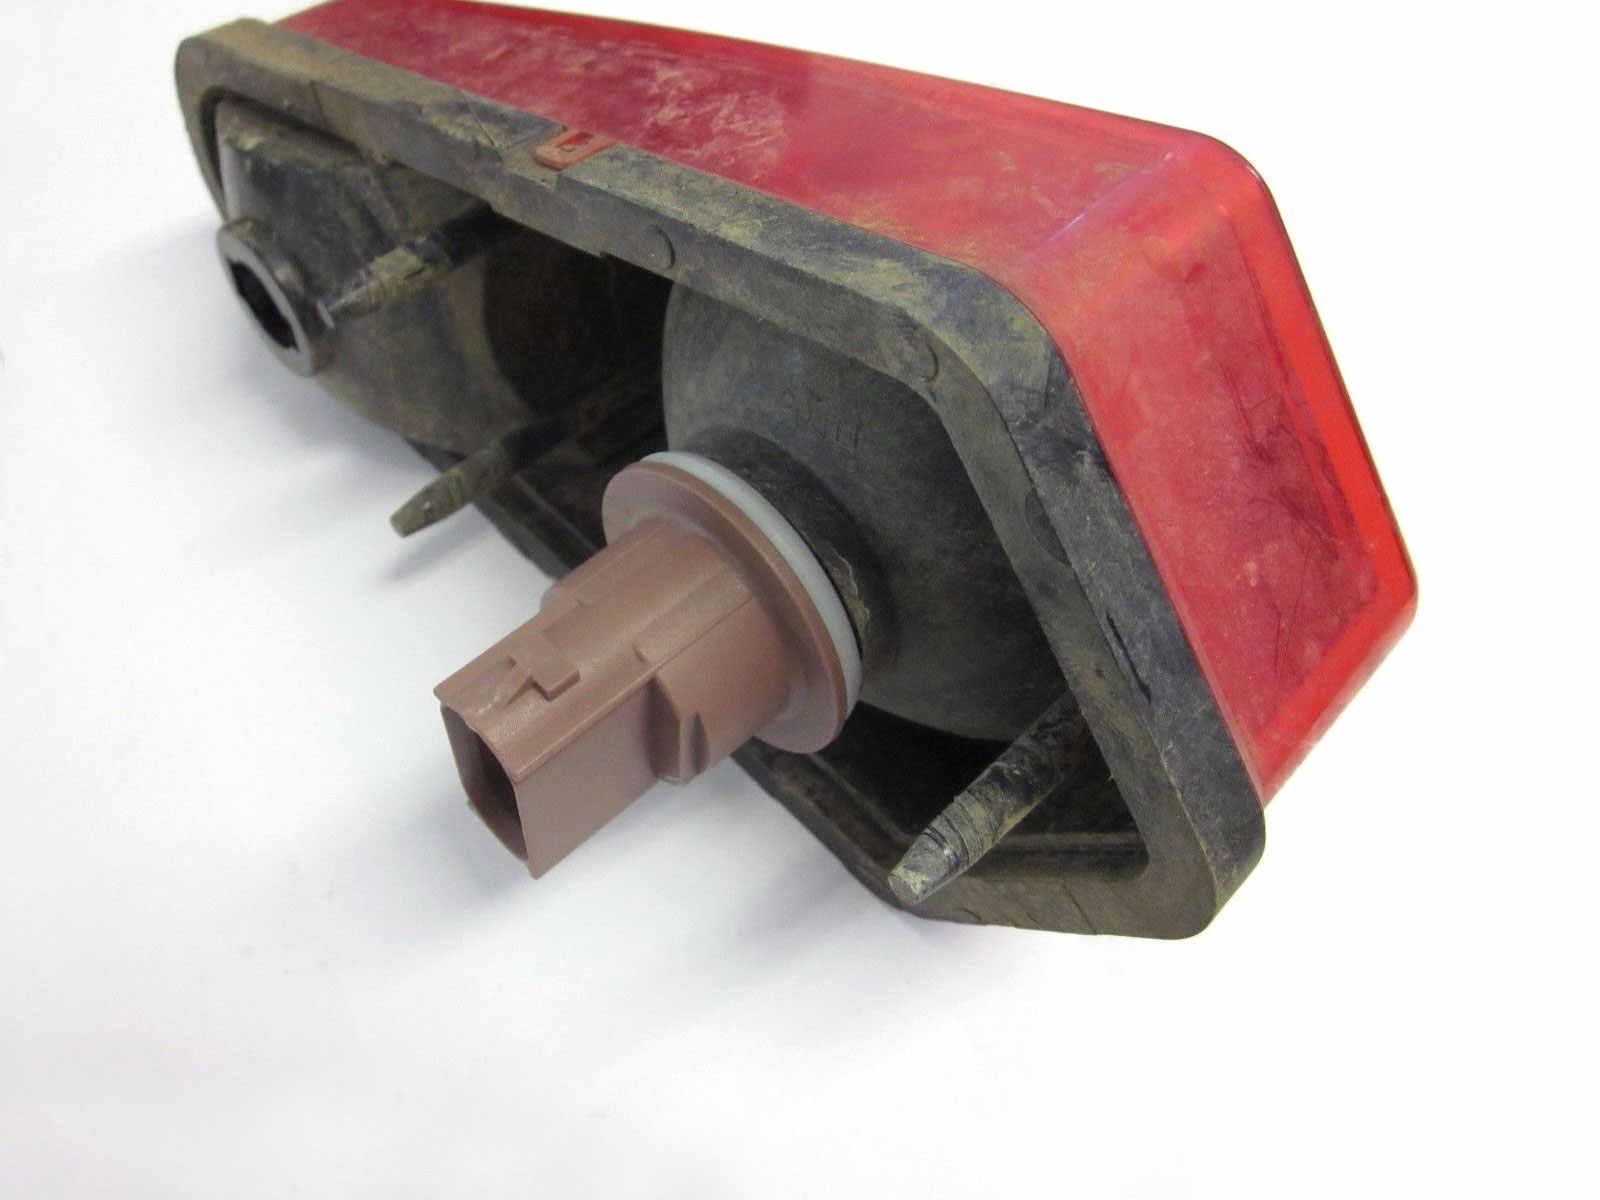 Автомобильные поворотники для заднего или переднего света Тормозная парковочная лампа розетка для Ford Escape Ranger Crown Victoria 2004-2011 Fiesta Flex 09-12 и т. д.